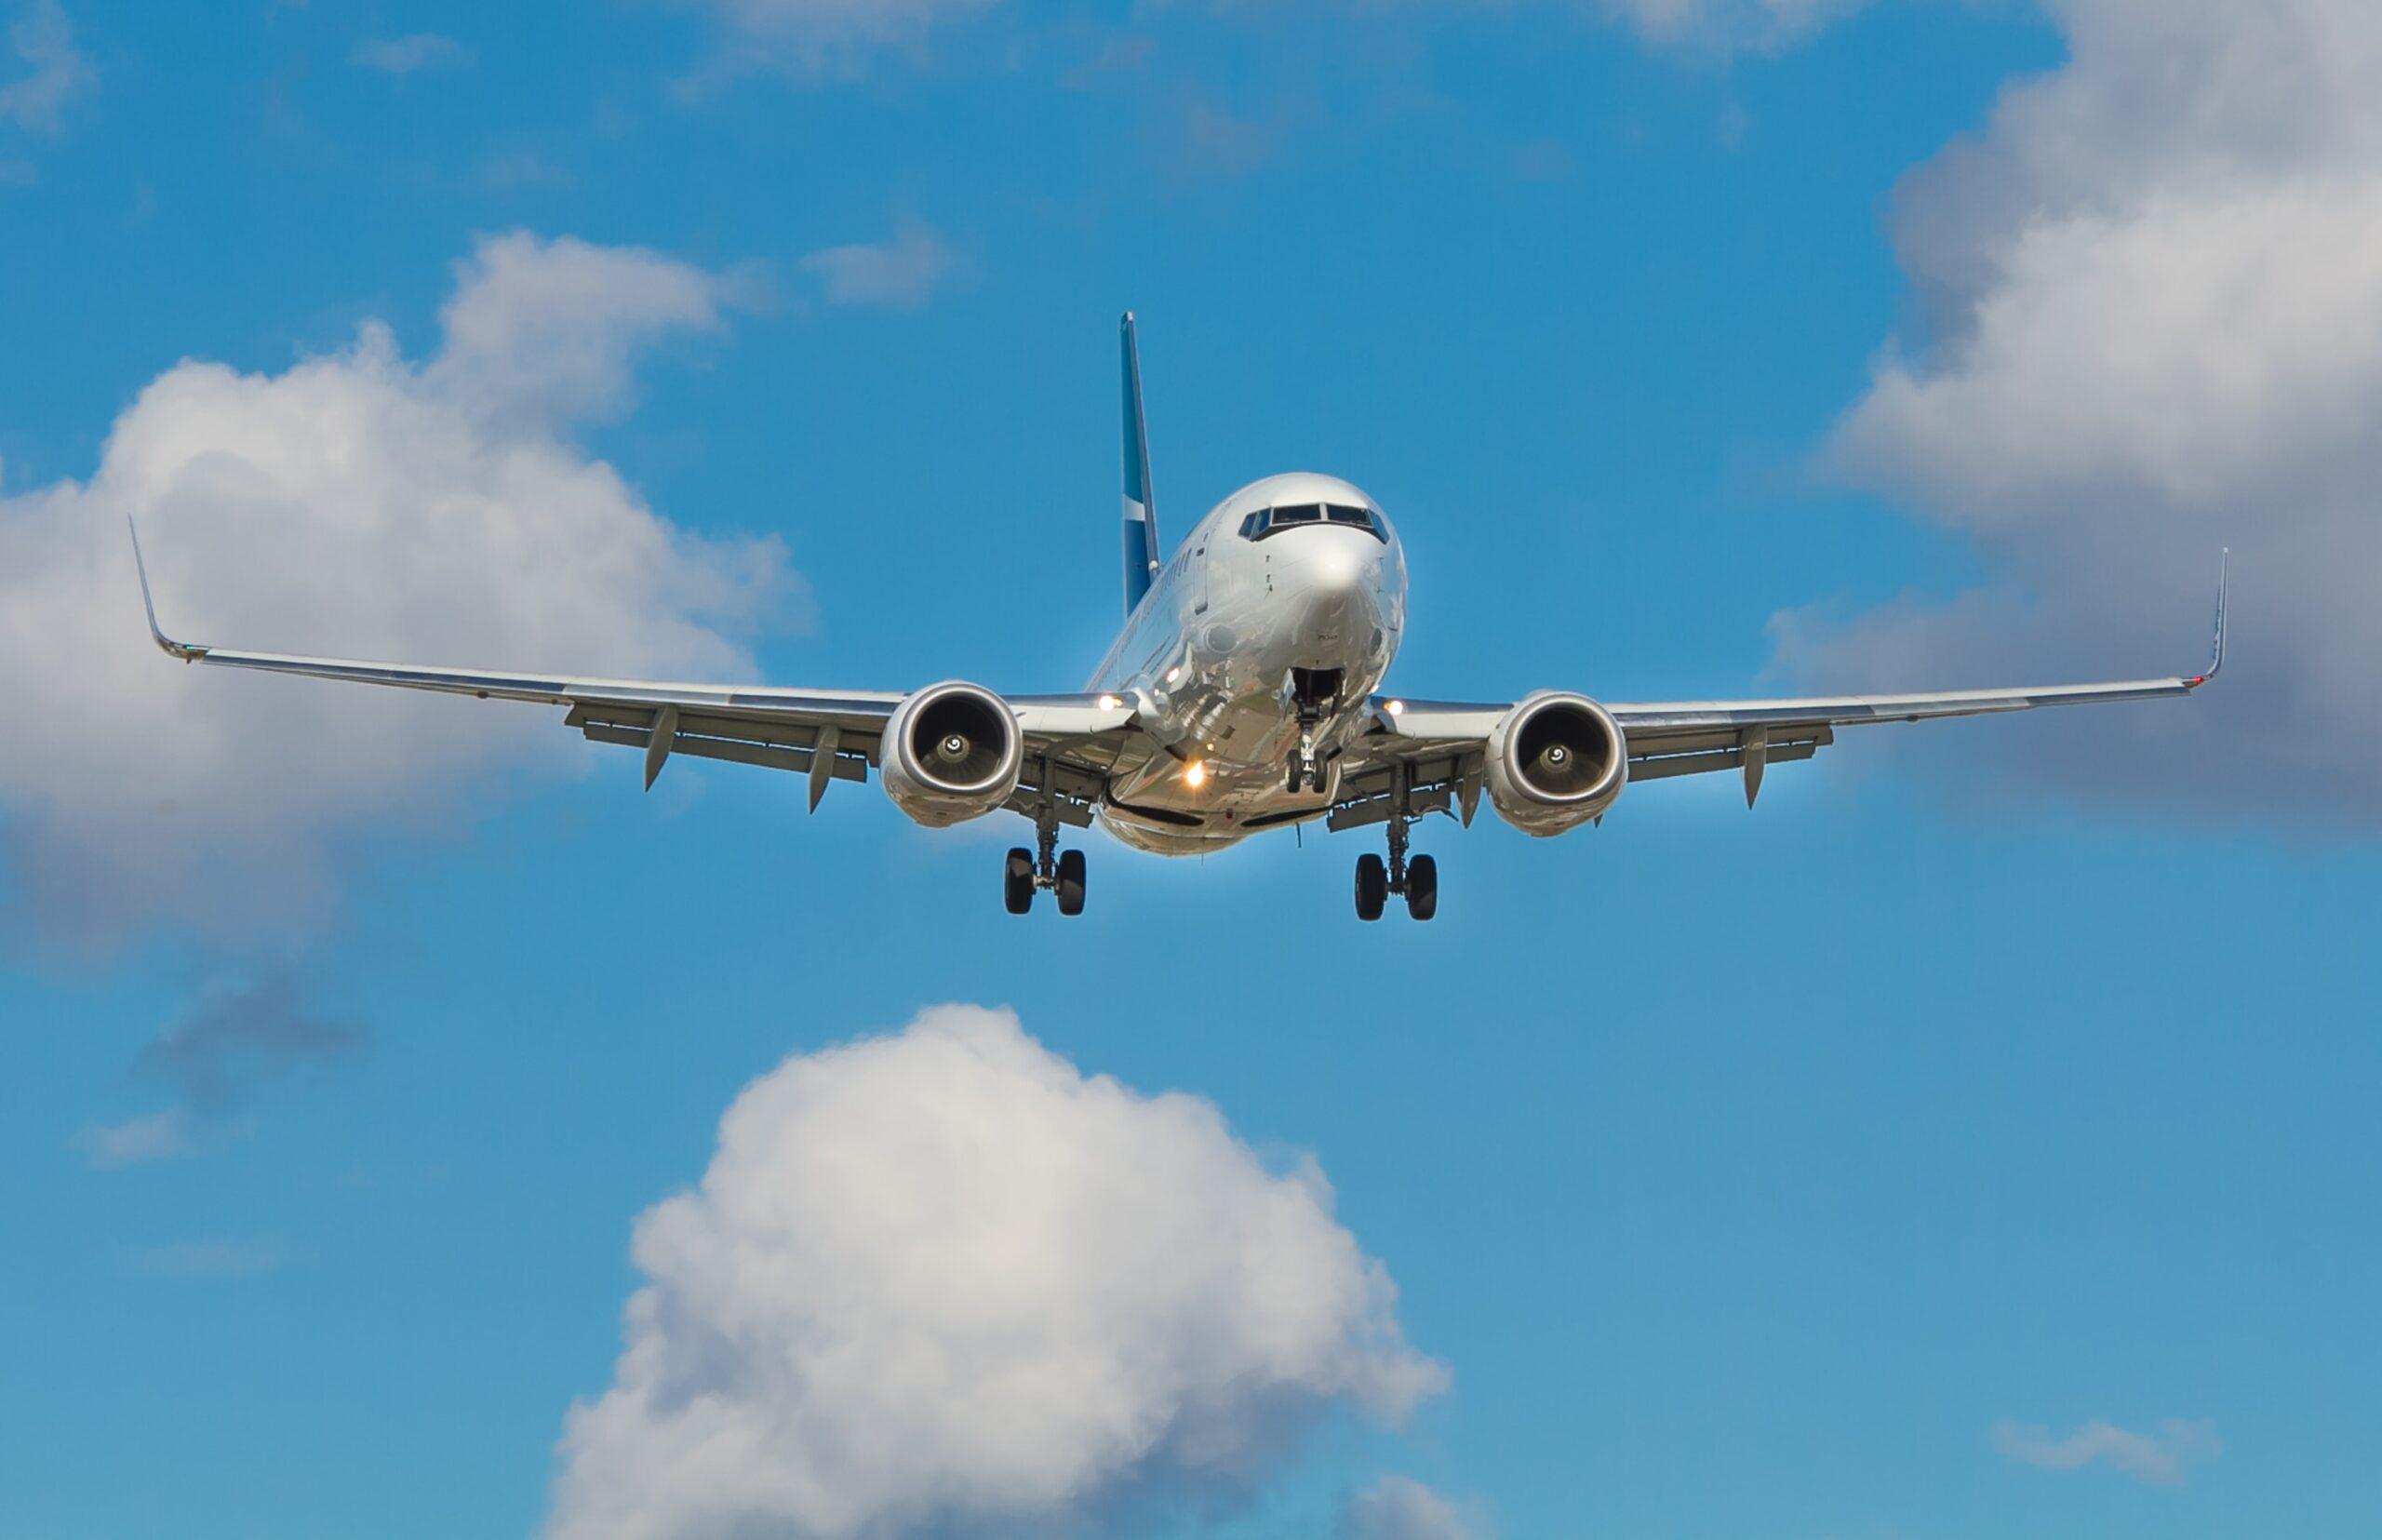 Programe-se para viajar em agosto e setembro com voos de ida e volta a partir de R$262